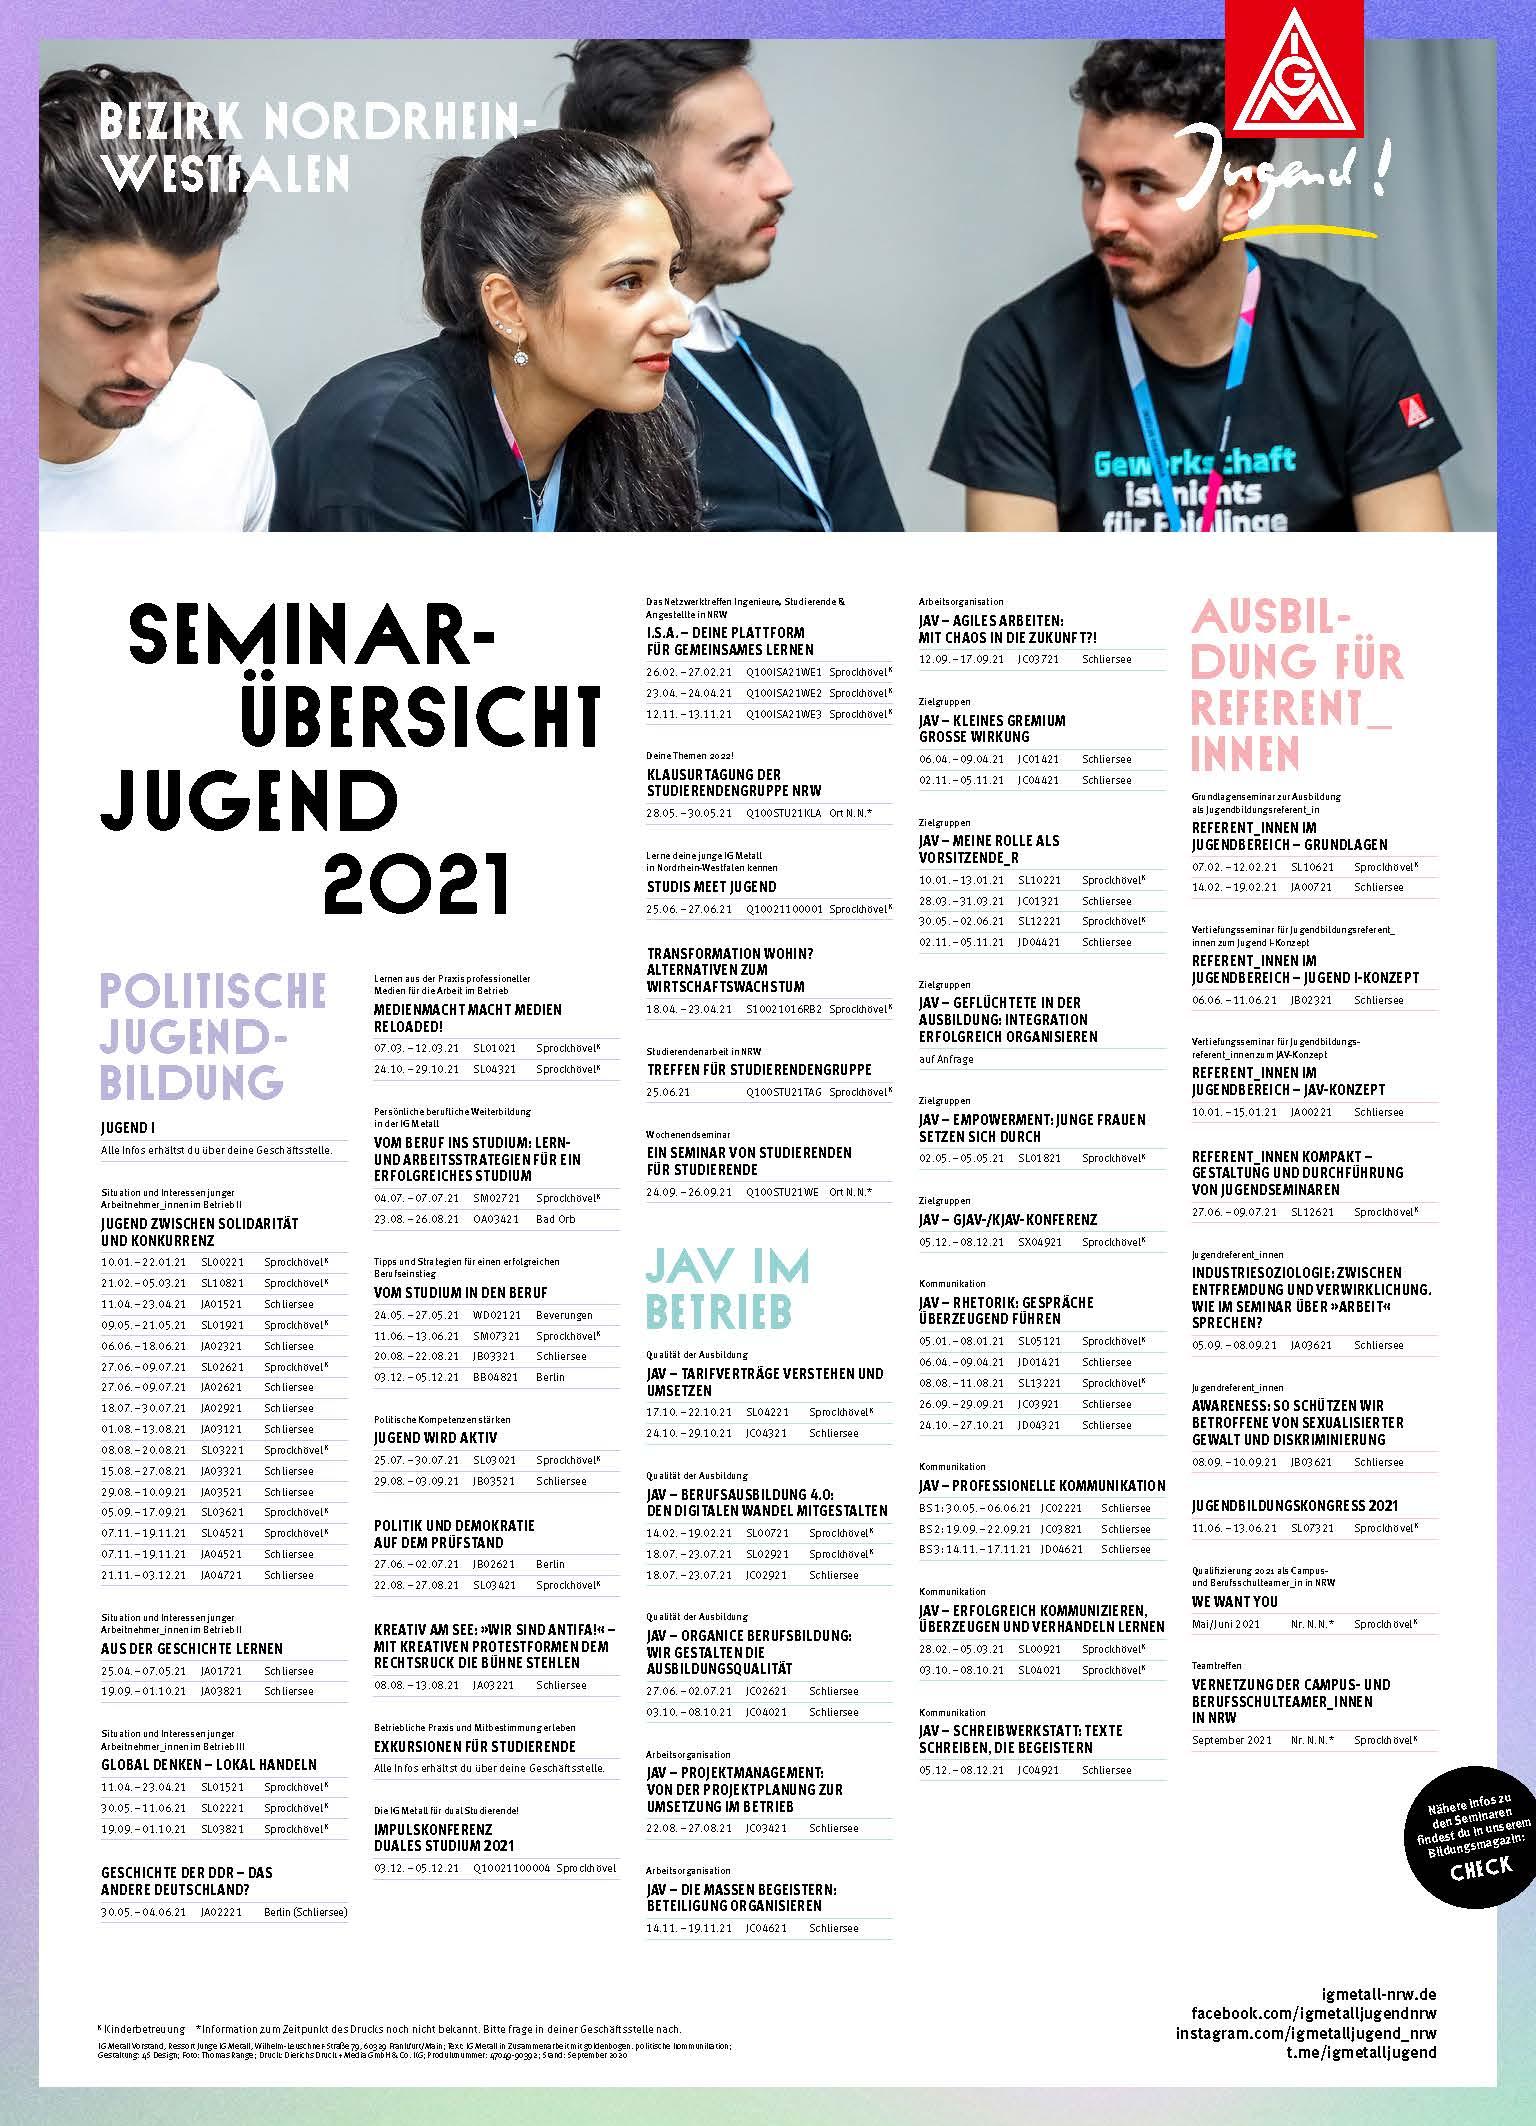 Infoplakat zum Jugendbildungsprogramm 2021